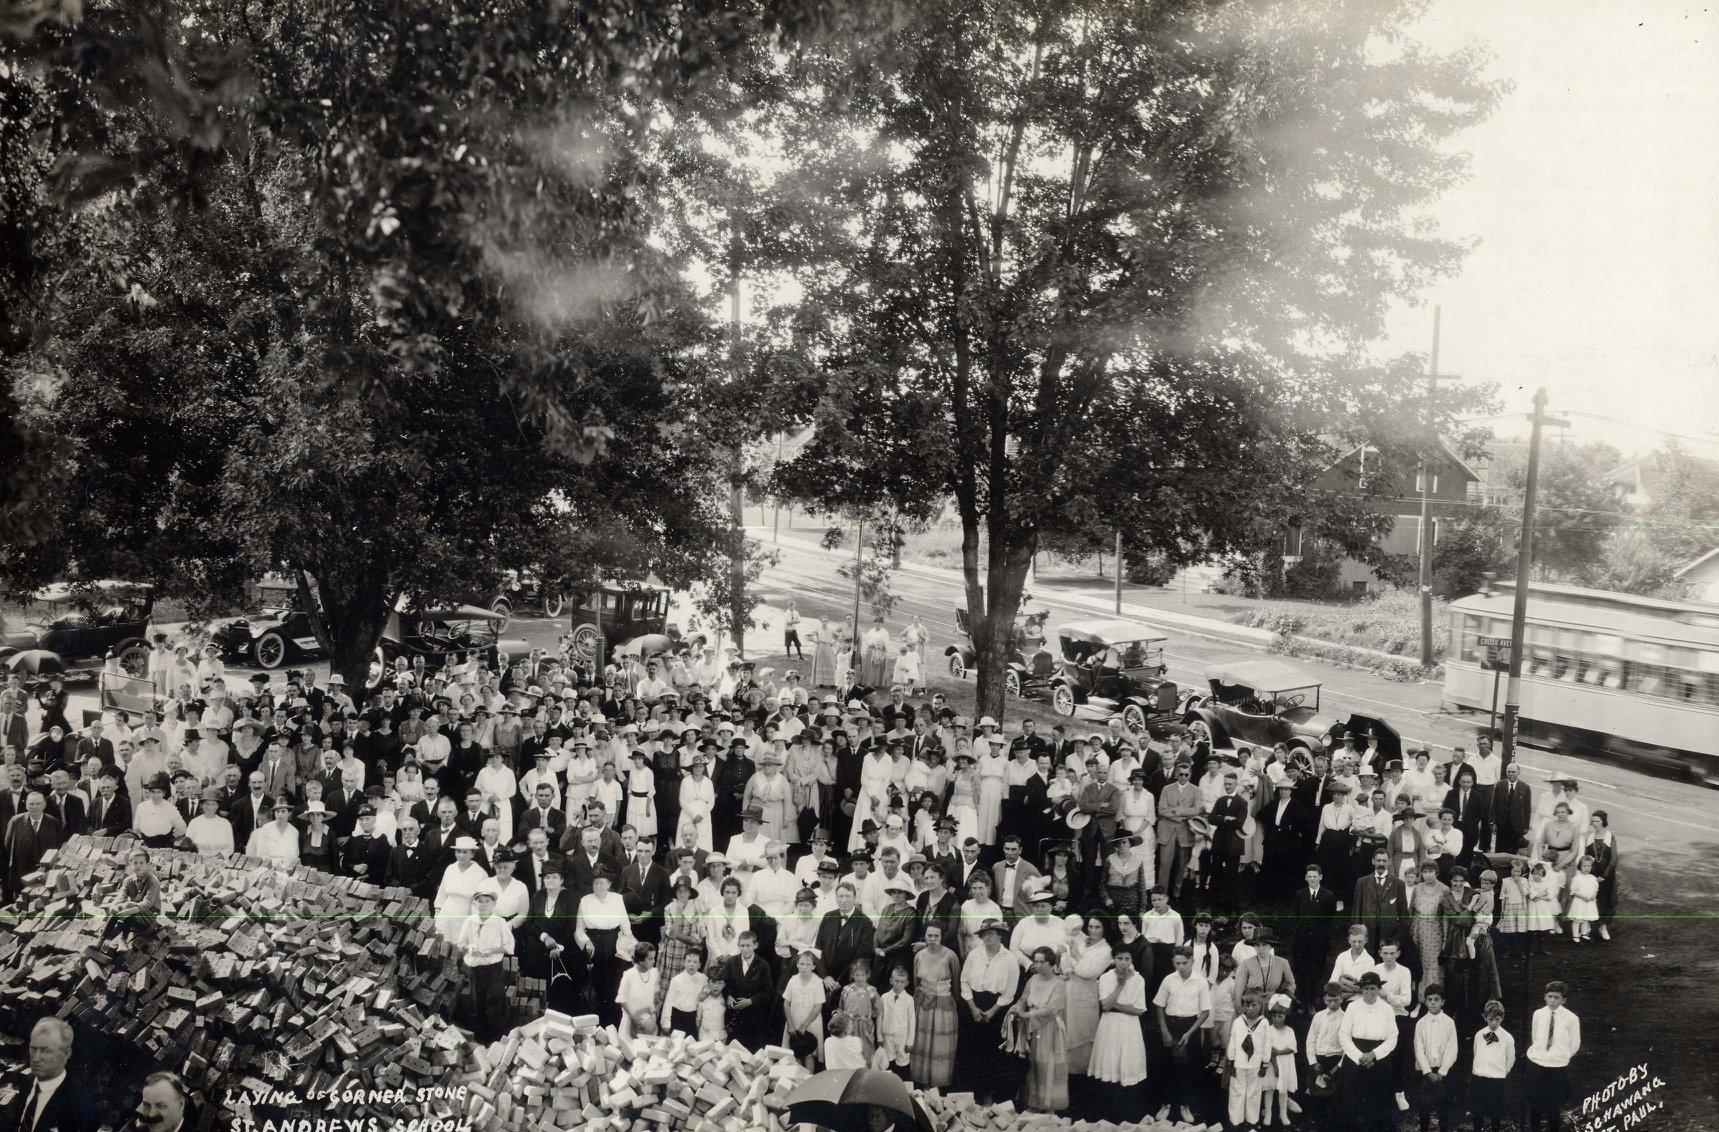 people (1930s).jpg